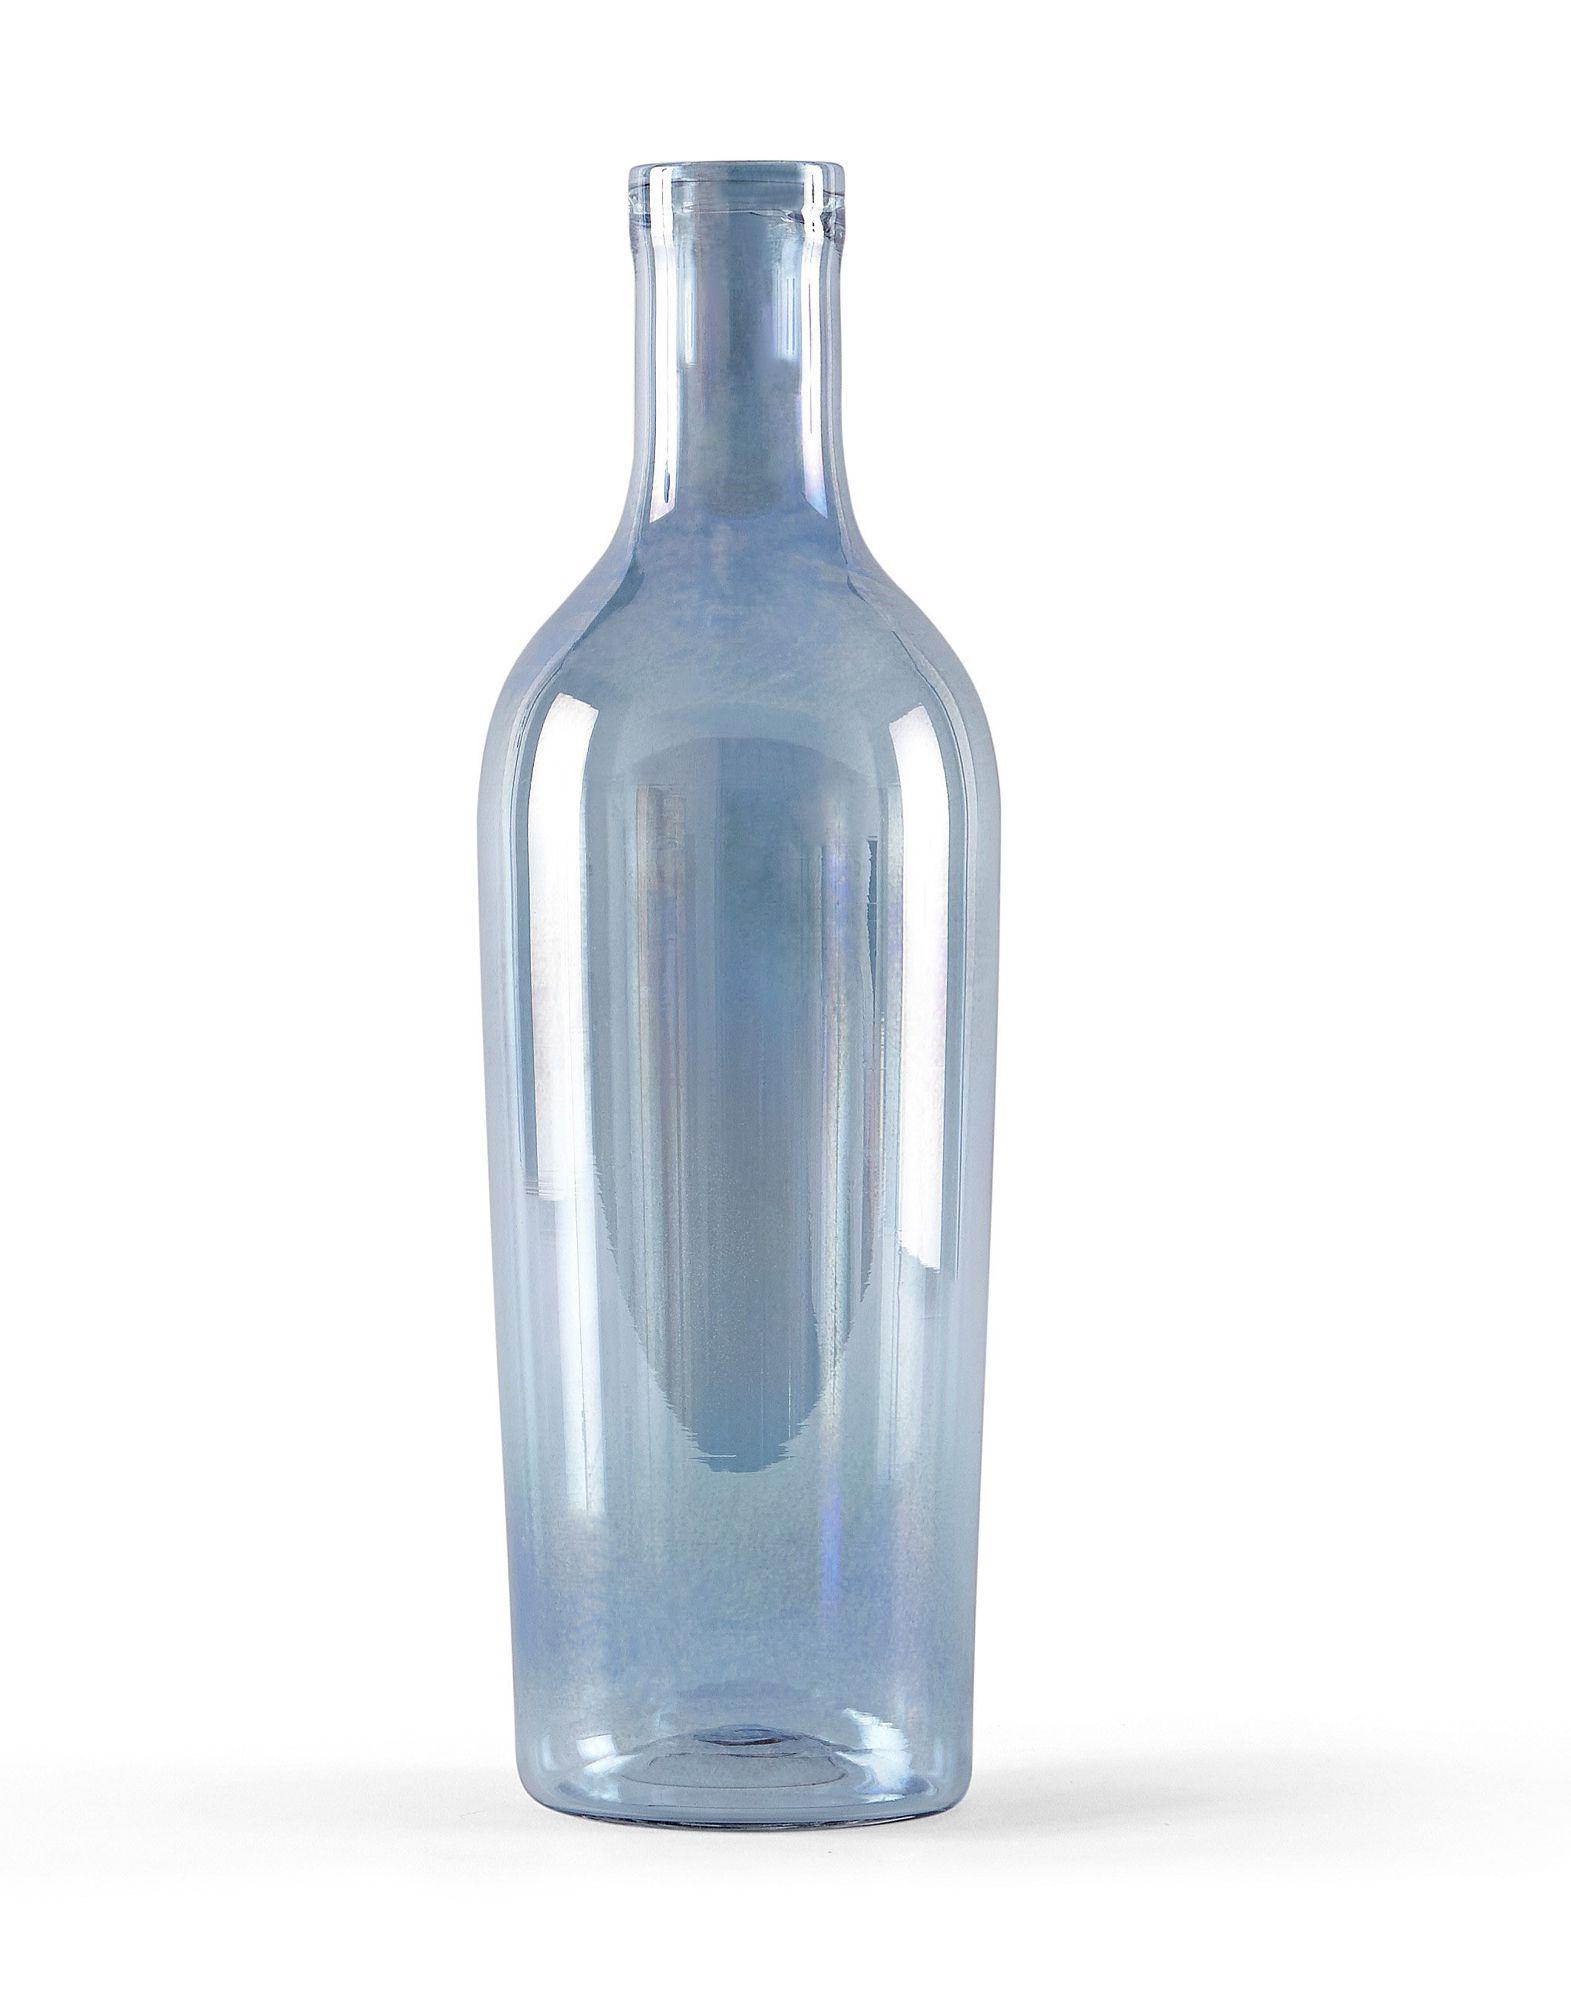 《送料無料》INCIPIT Unisex キャンドルスタンド ブルー ガラス Barlume